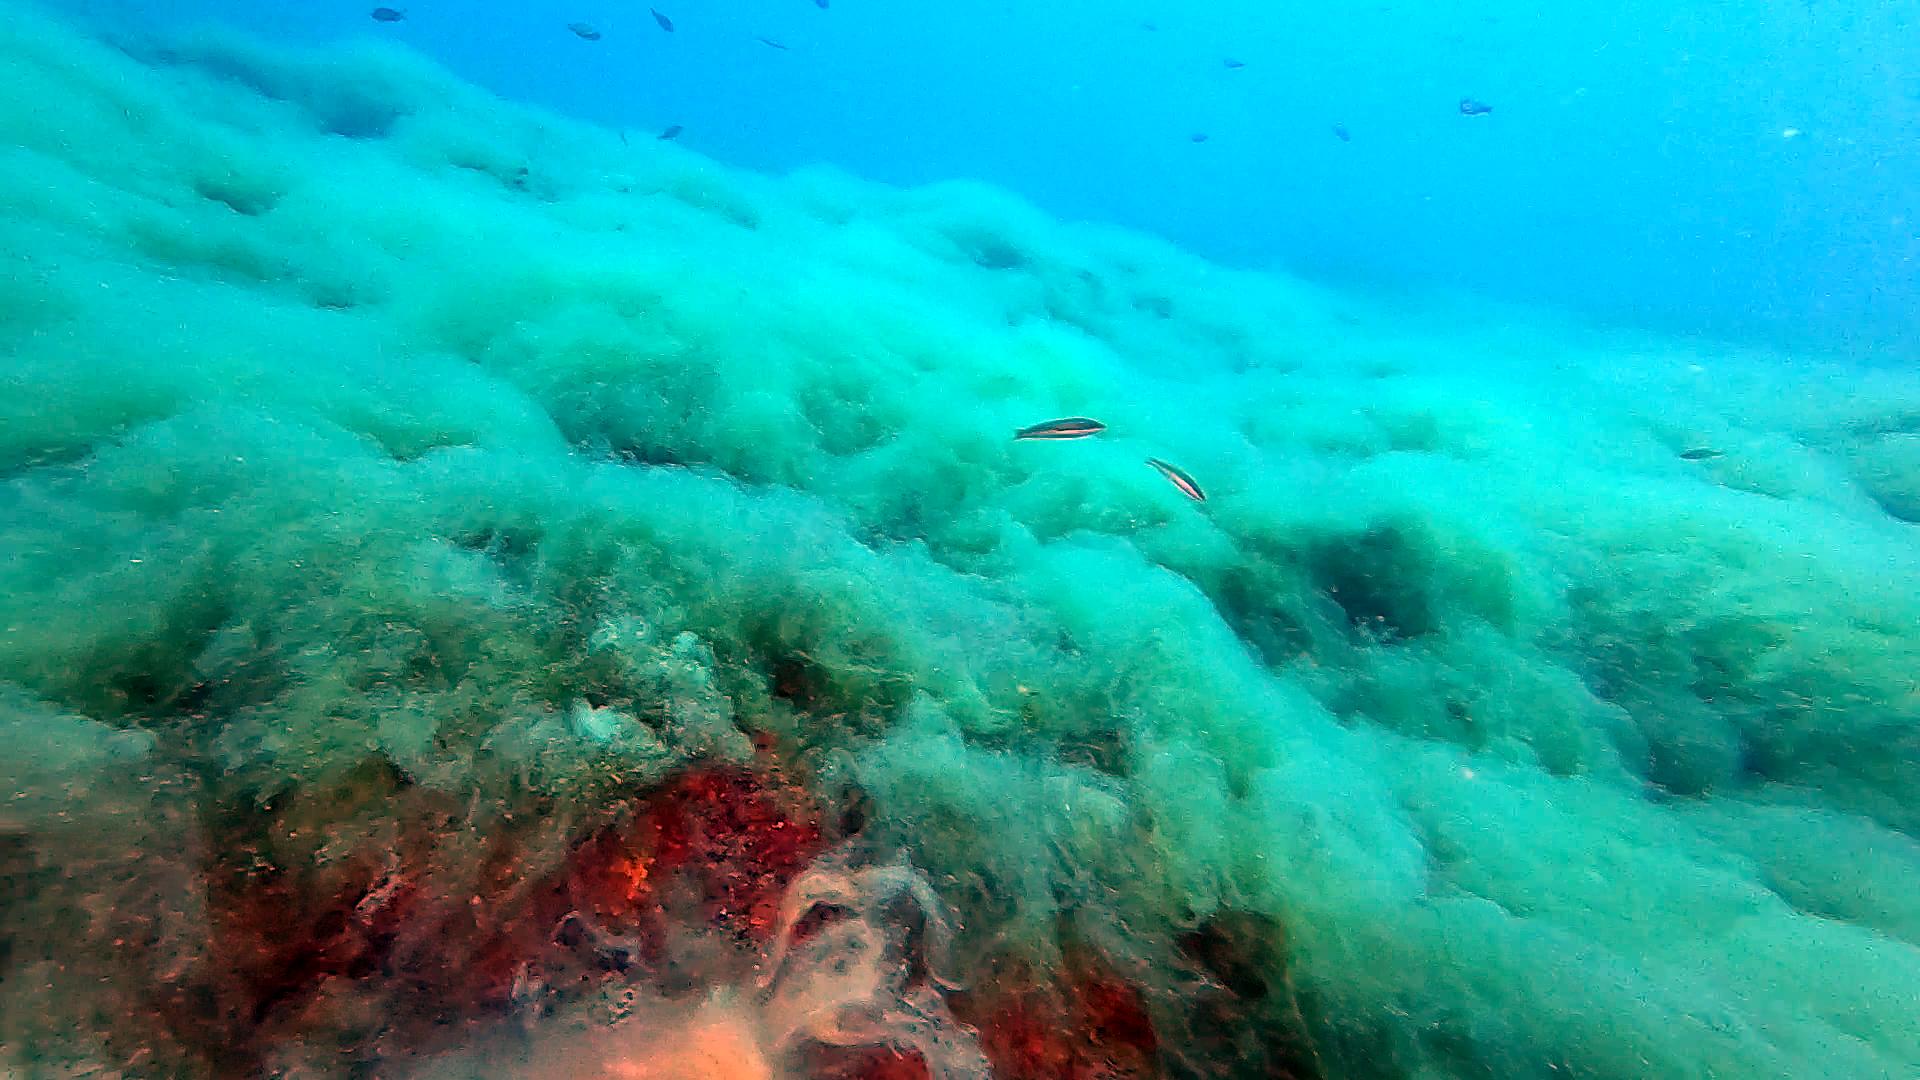 Mucillagine marina - Effetti dei cambiamenti climatici nel Mediterraneo - The Sea Snot or marine Mucilage - Effects of climate change in the Mediterranean Sea - intotheblue.it